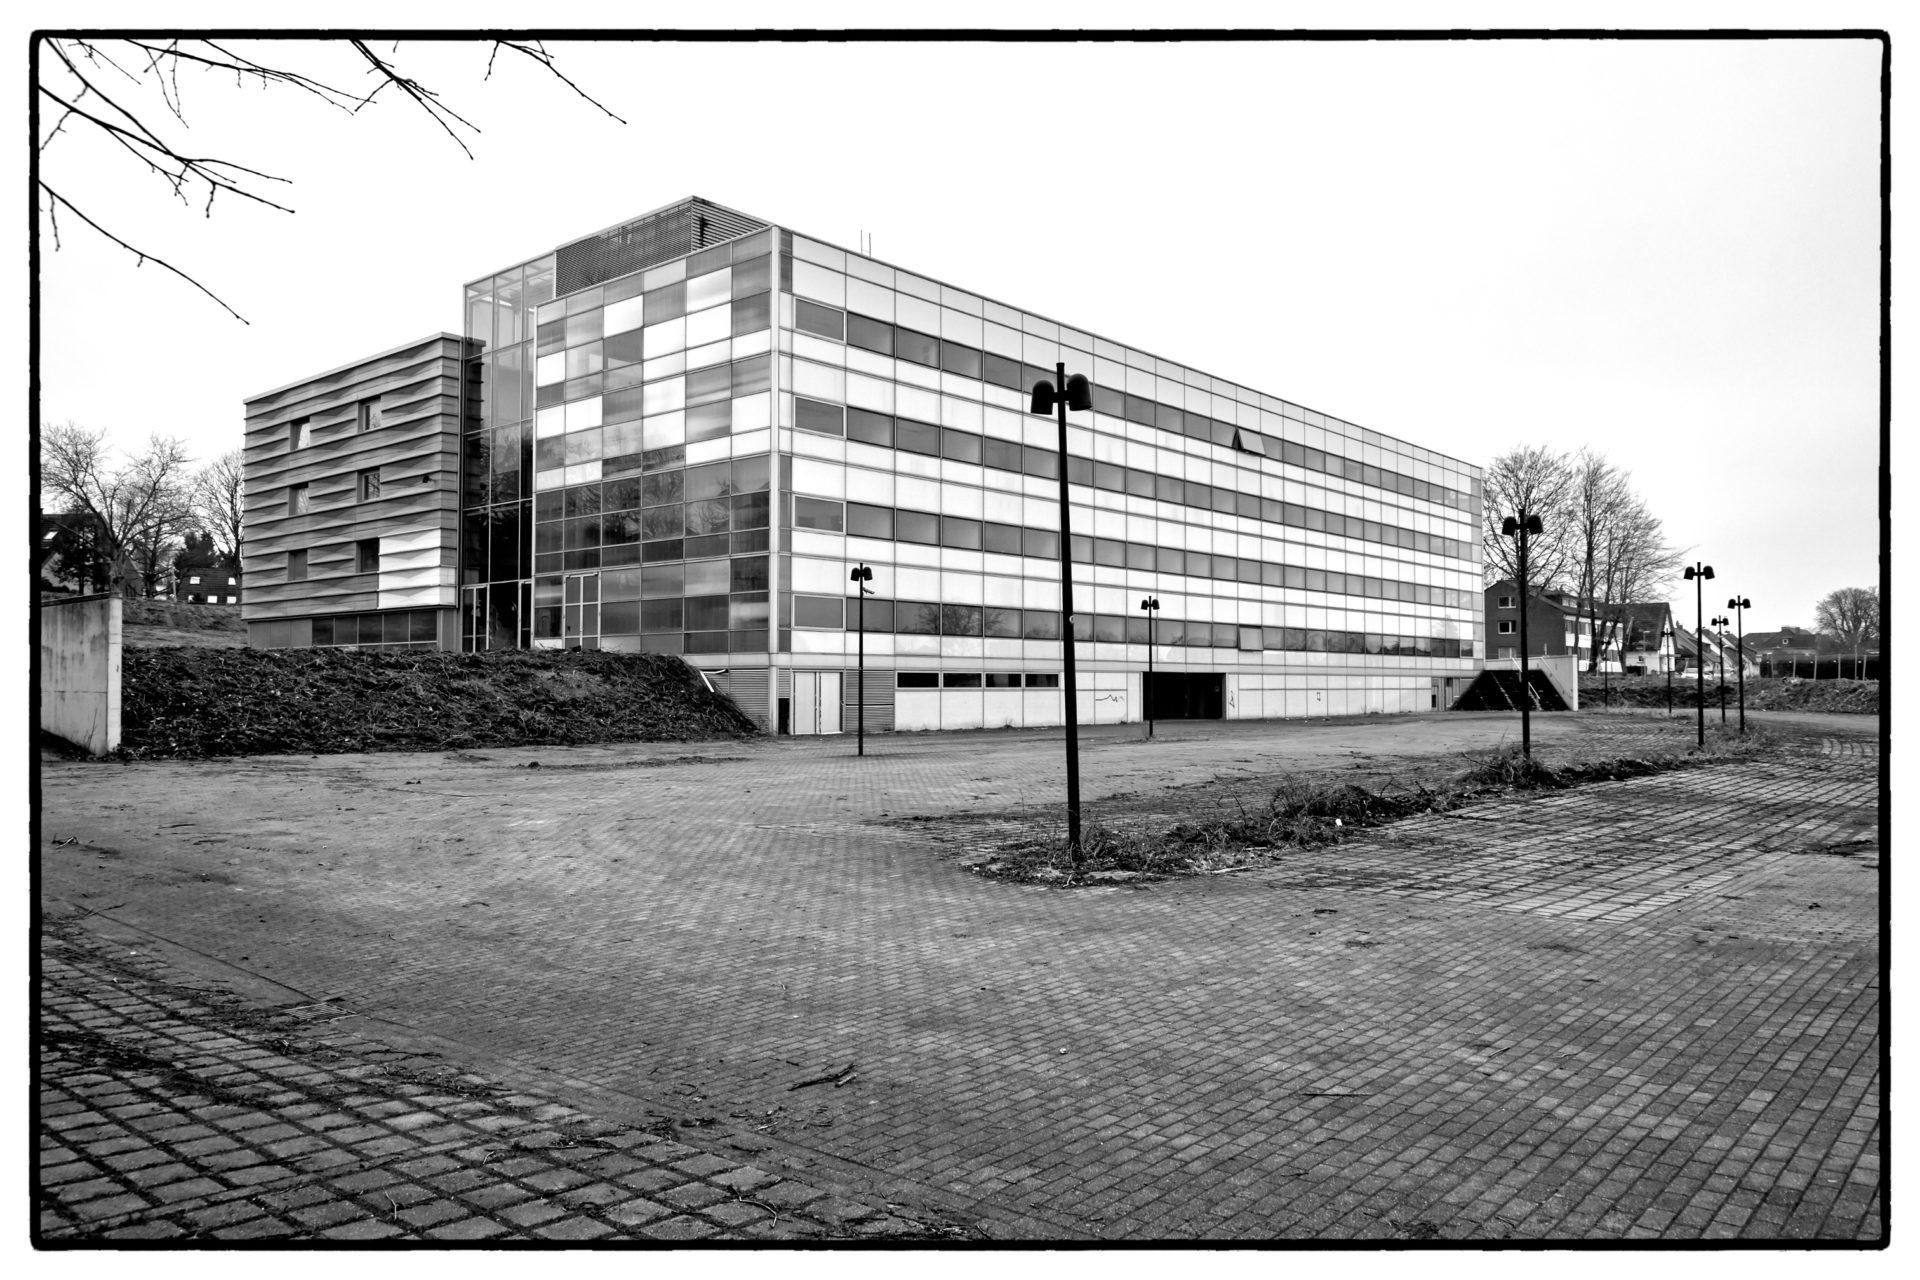 Abriss eines Gebäudes in Mülheim / Ruhr